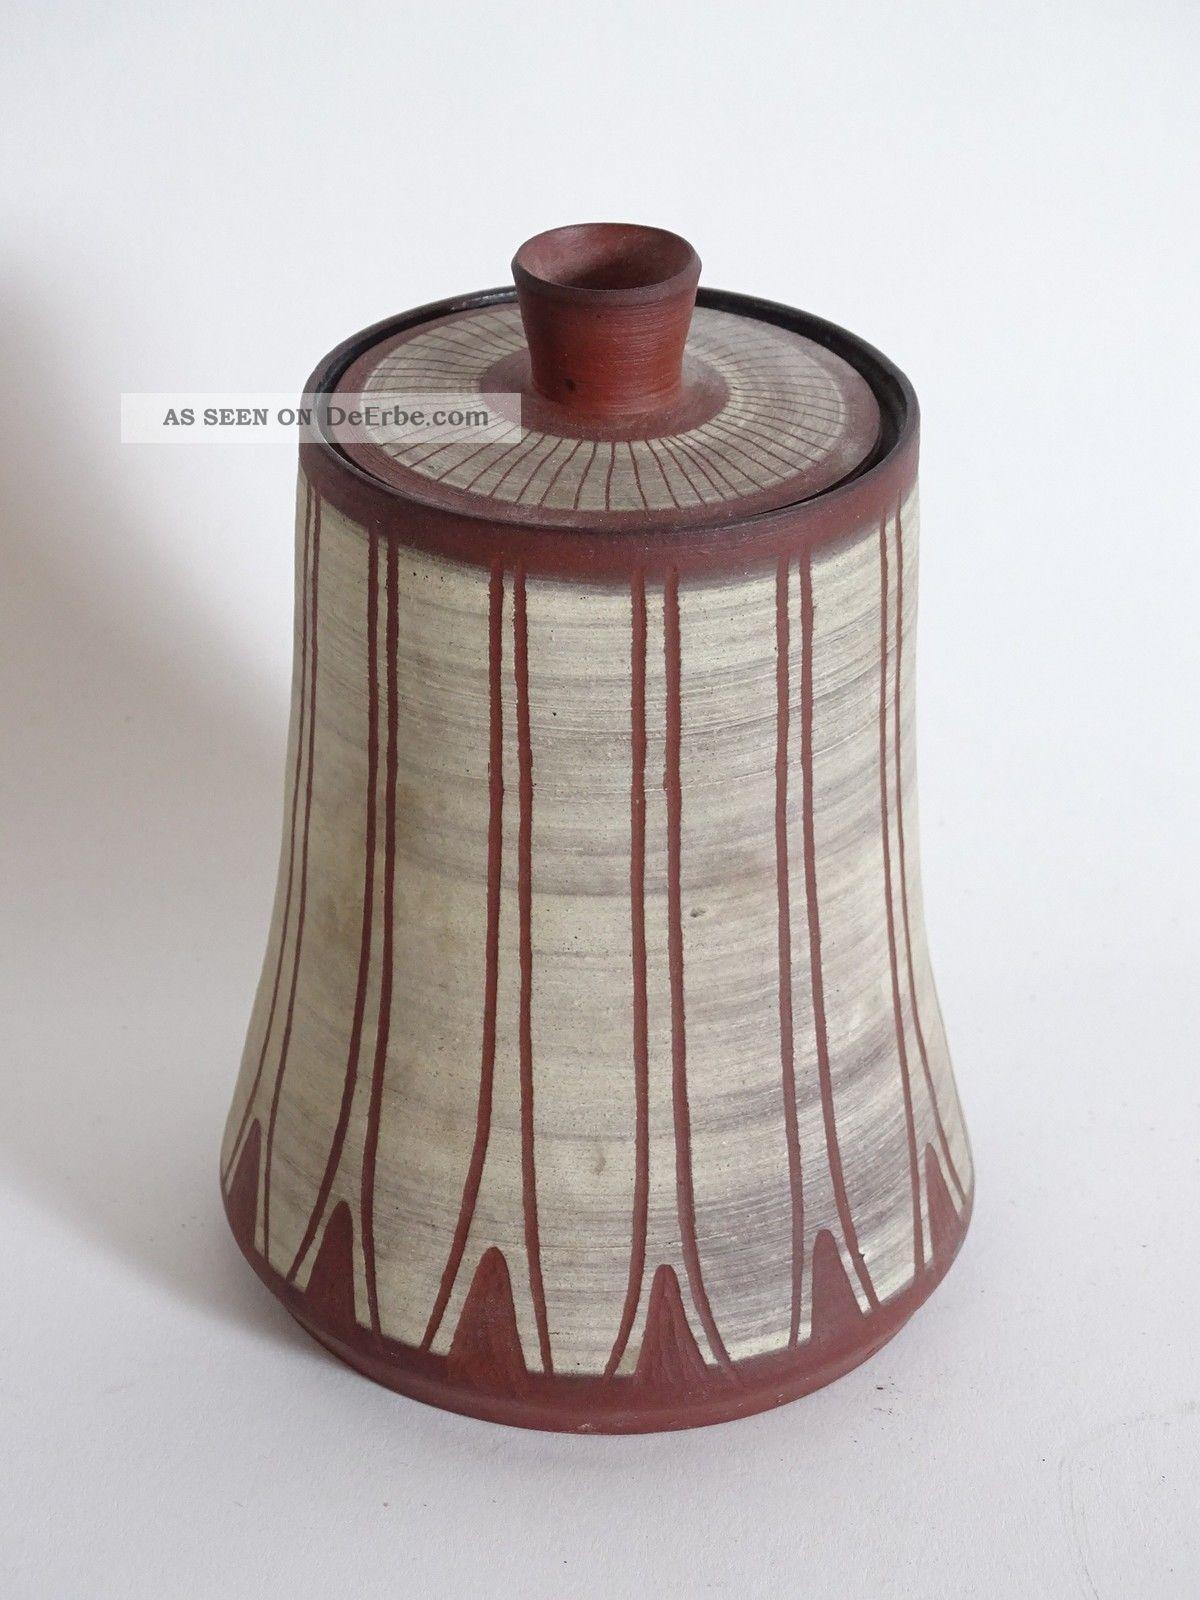 Mid Century 50er Jahre Studio Design Keramik Deckel Vase Ausgefallenes Design 1950-1959 Bild